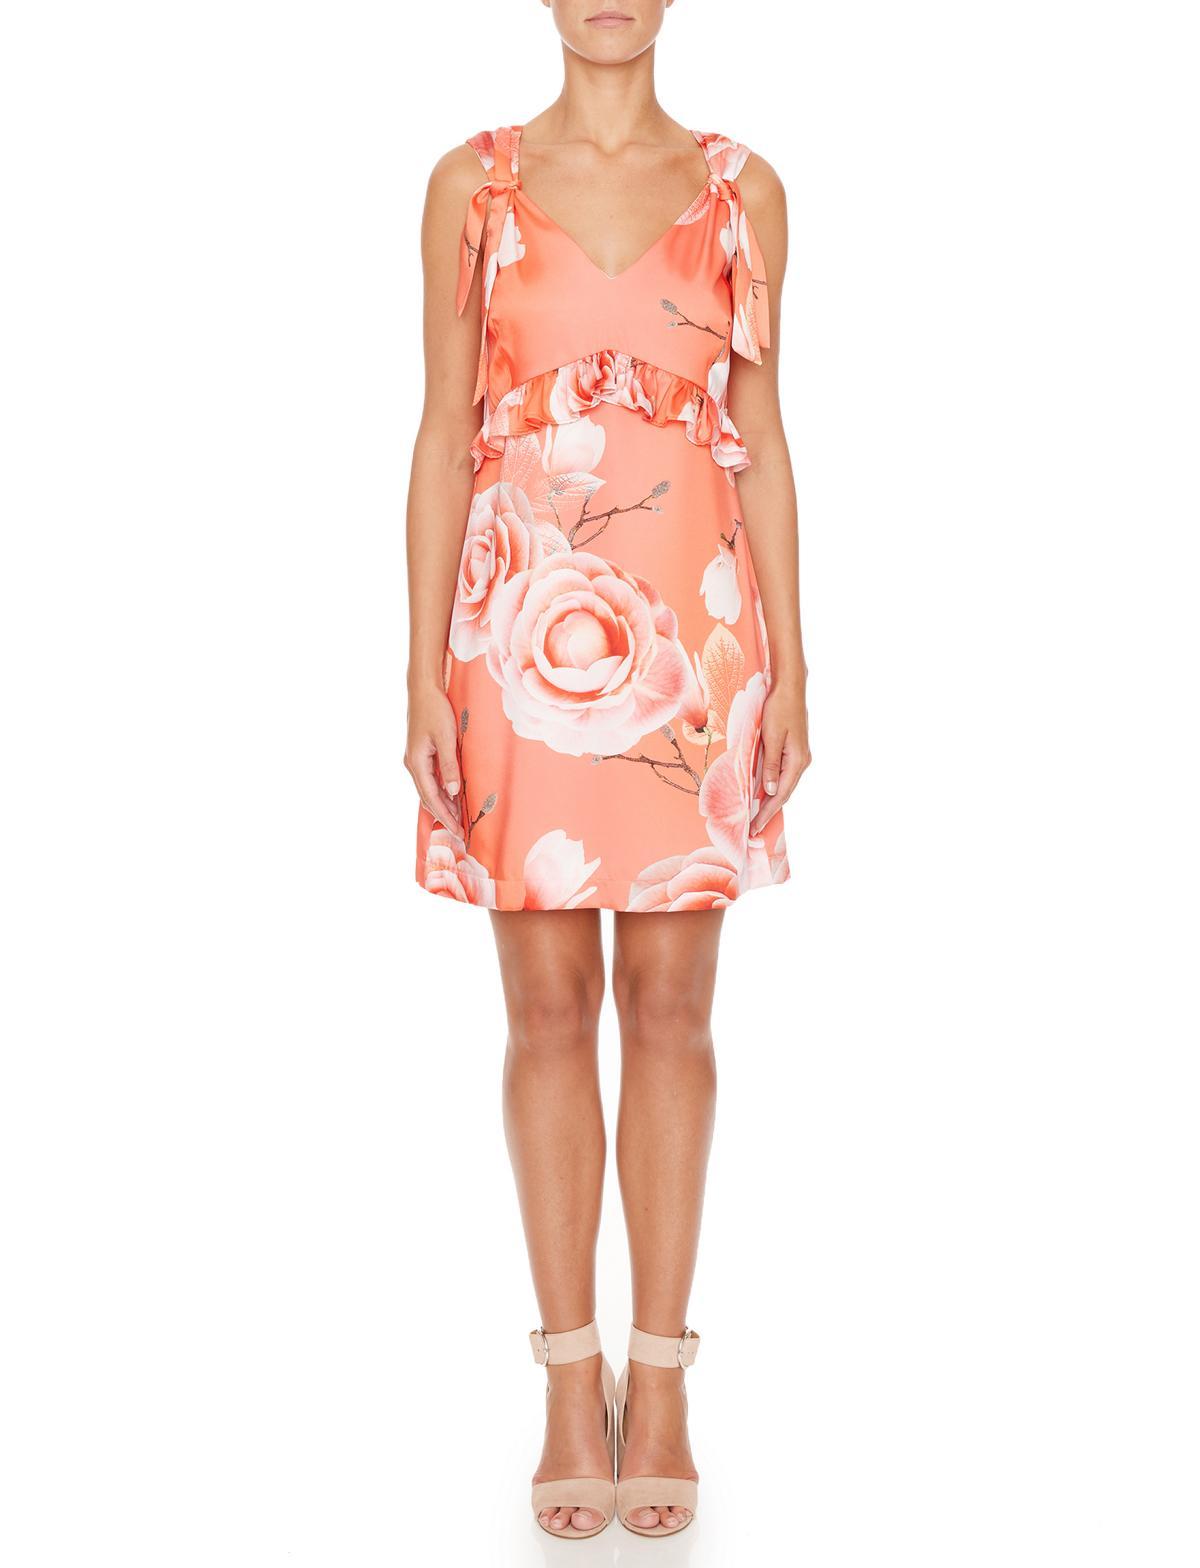 Vorderansicht von Ana Alcazar Limited Edition Rüschenkleid Malibe  angezogen an Model